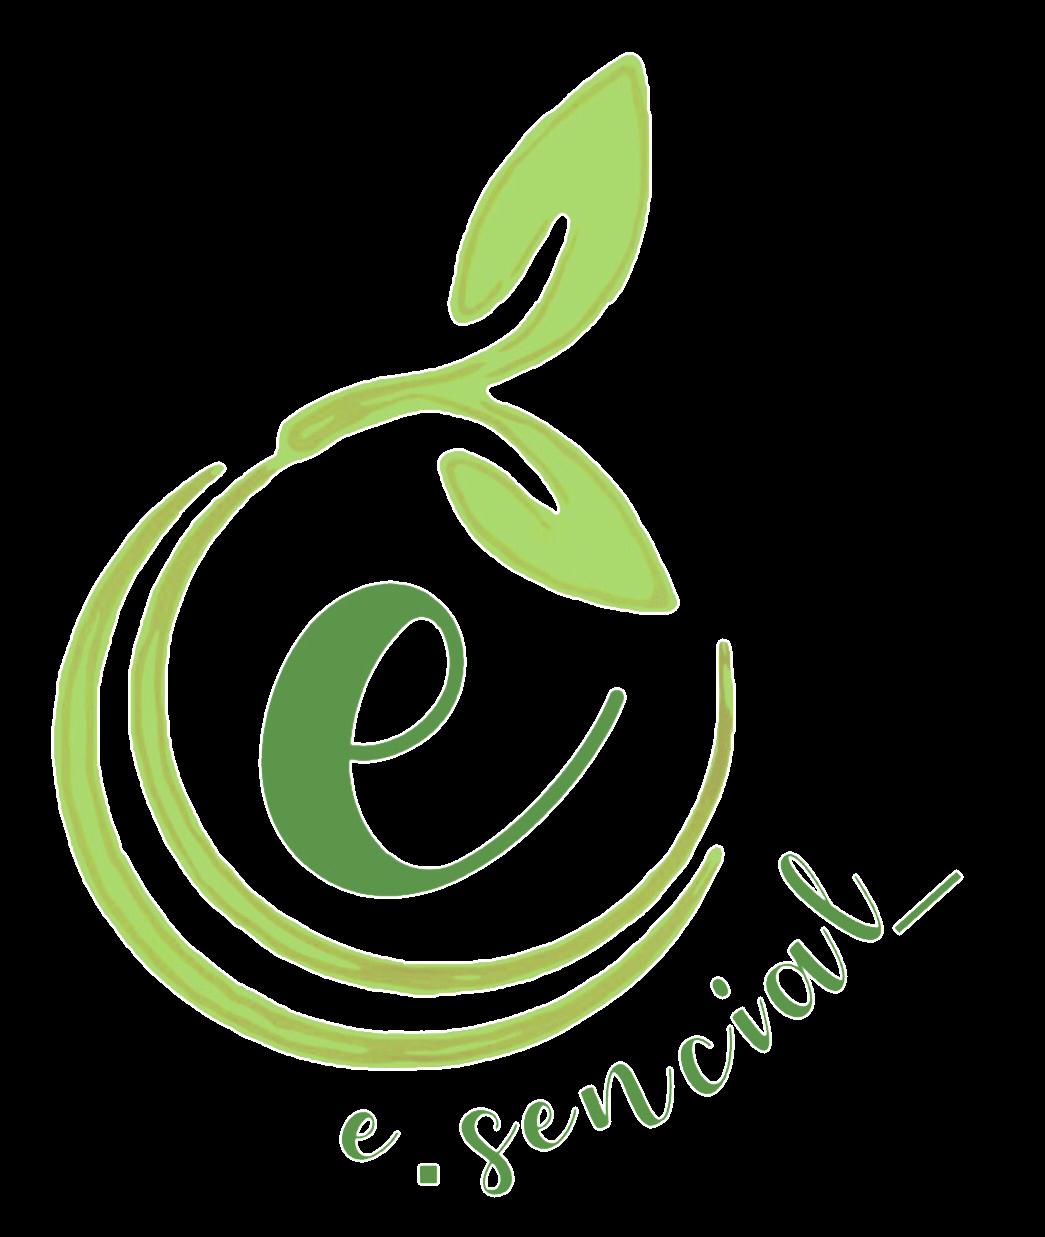 E.SENCIAL_